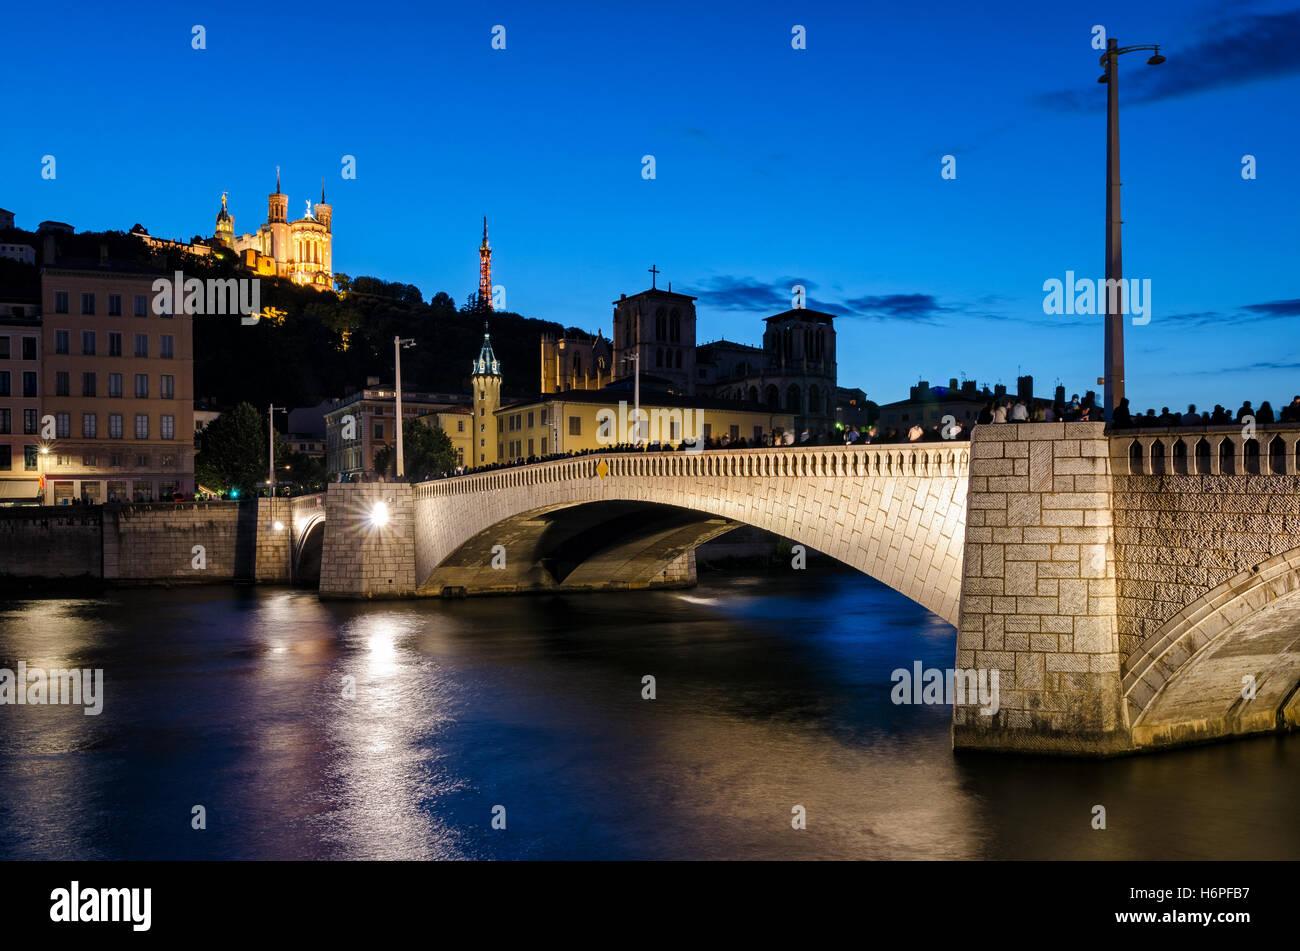 Lyon (France) Notre-Dame de Fourvière et pont Bonaparte à l'heure bleue Banque D'Images